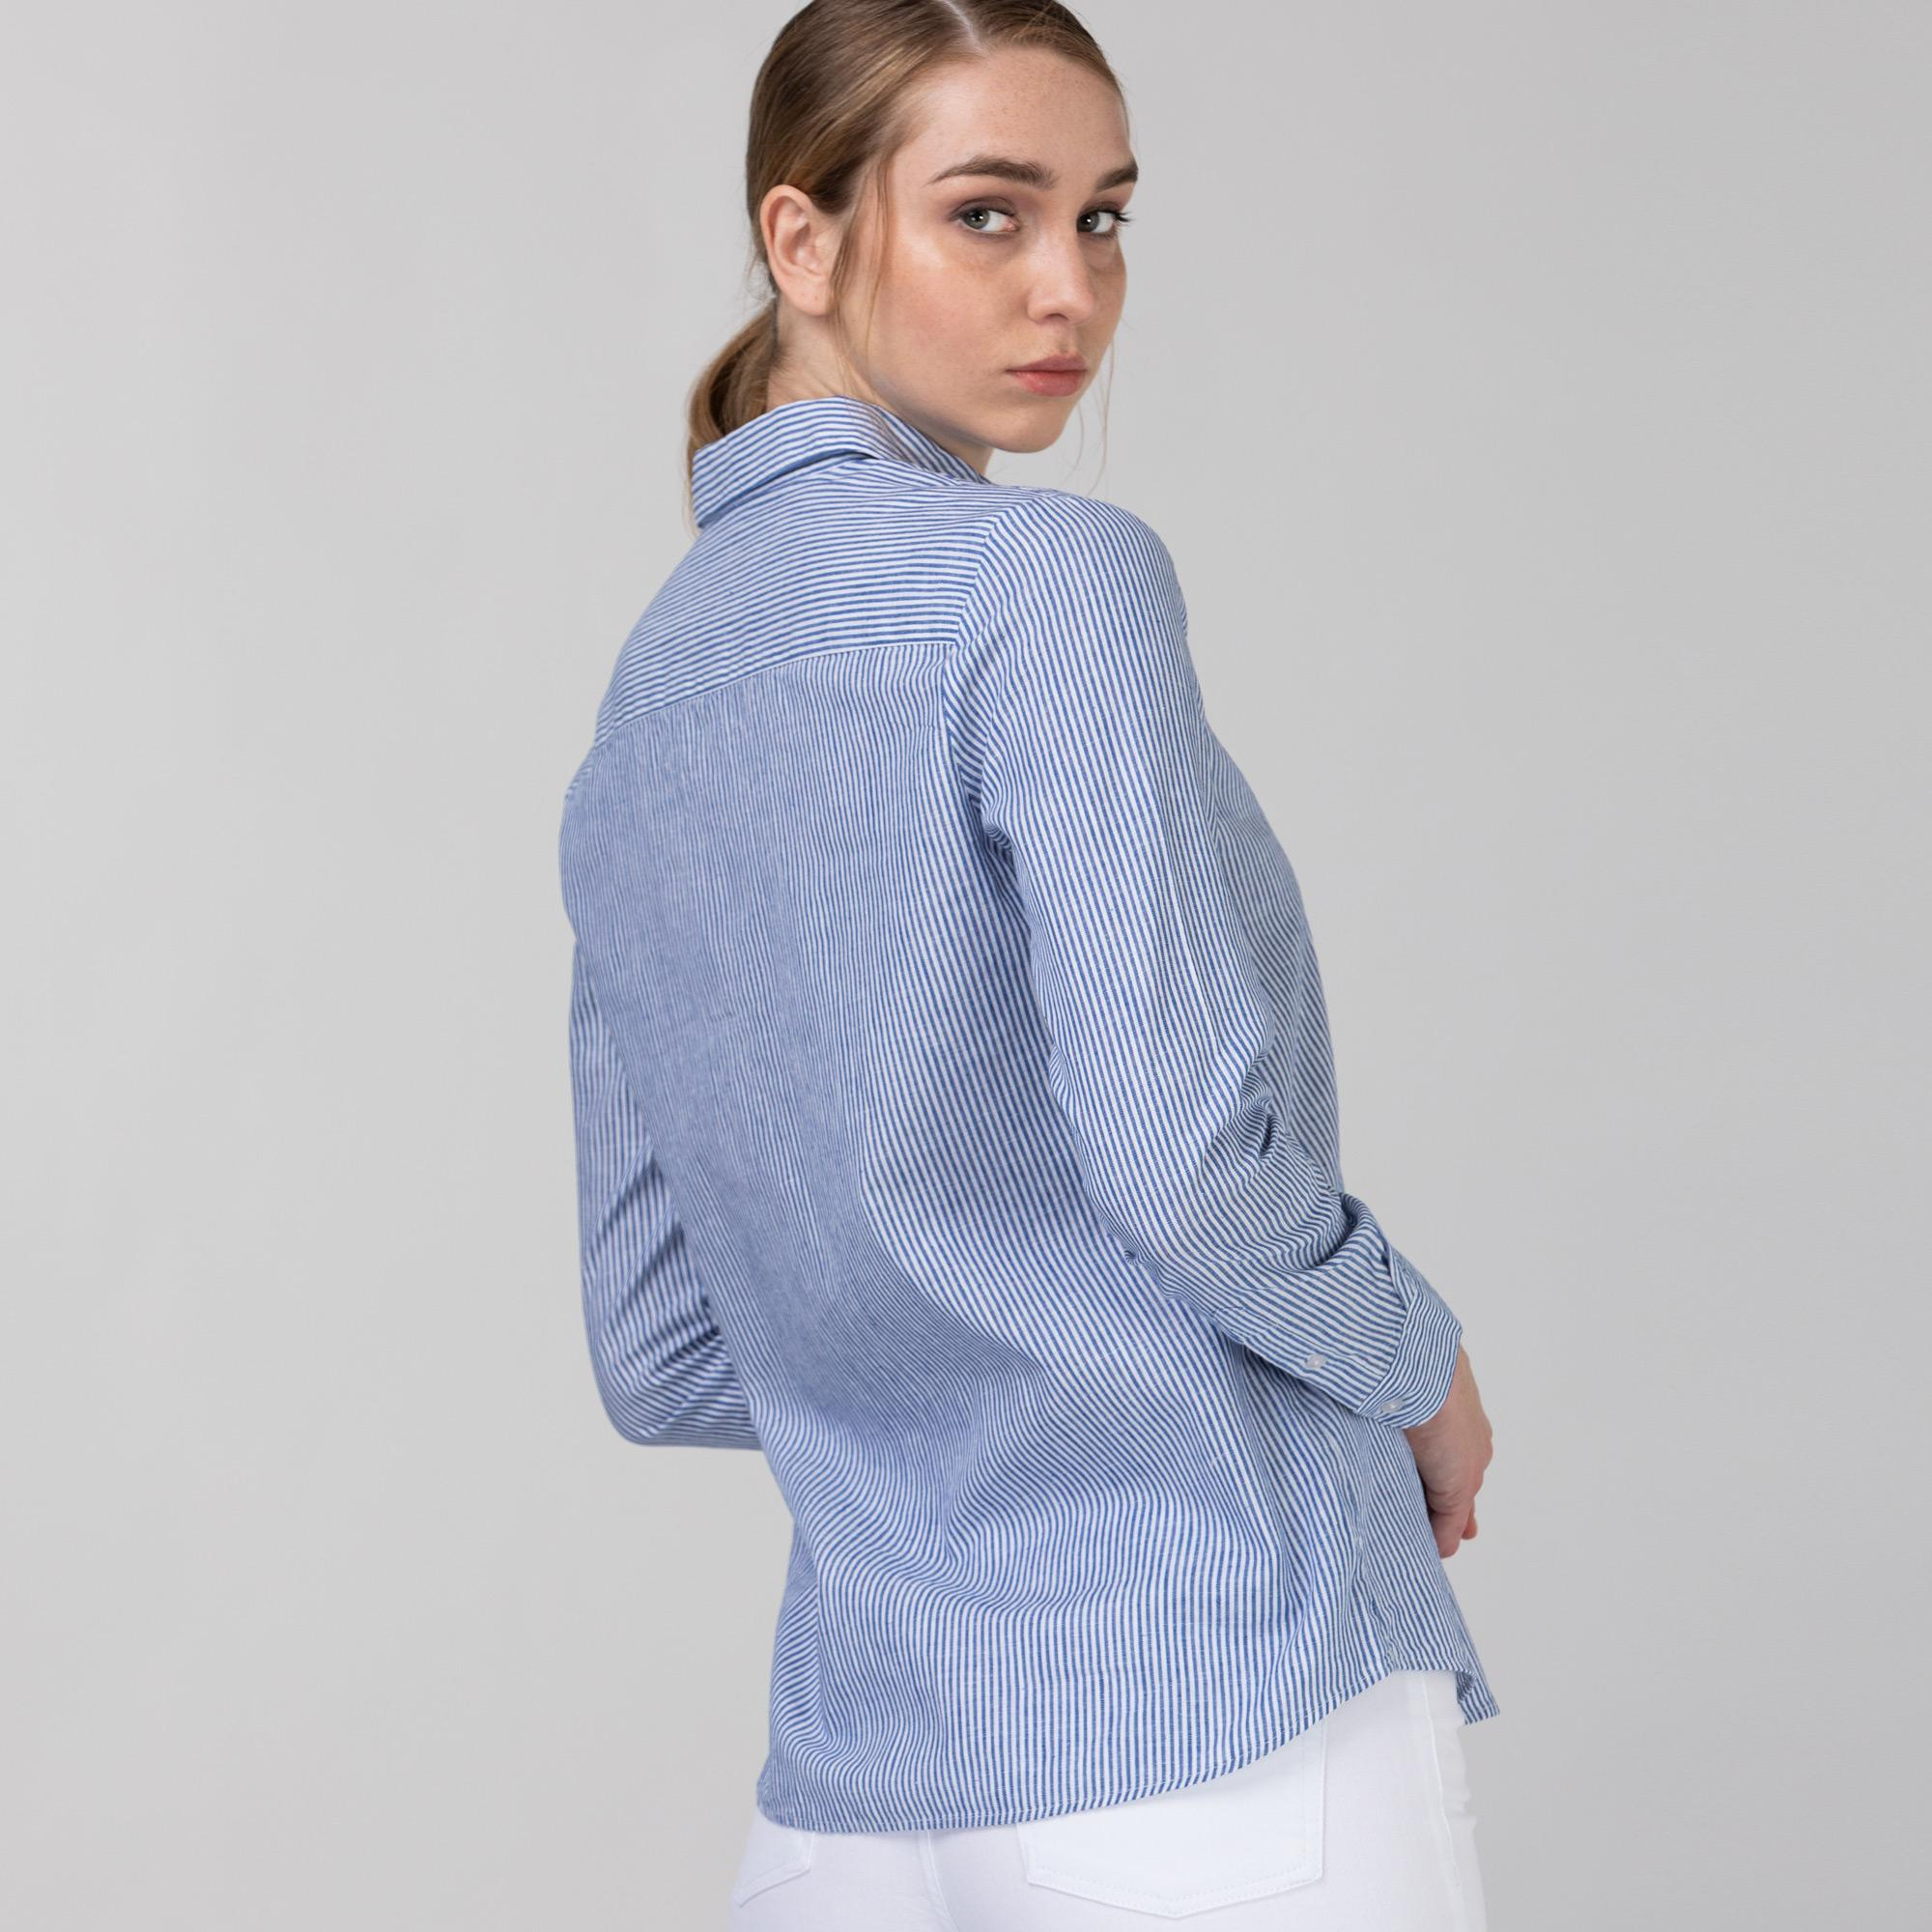 Lacoste Kadın Çizgili Lacivert - Beyaz Gömlek